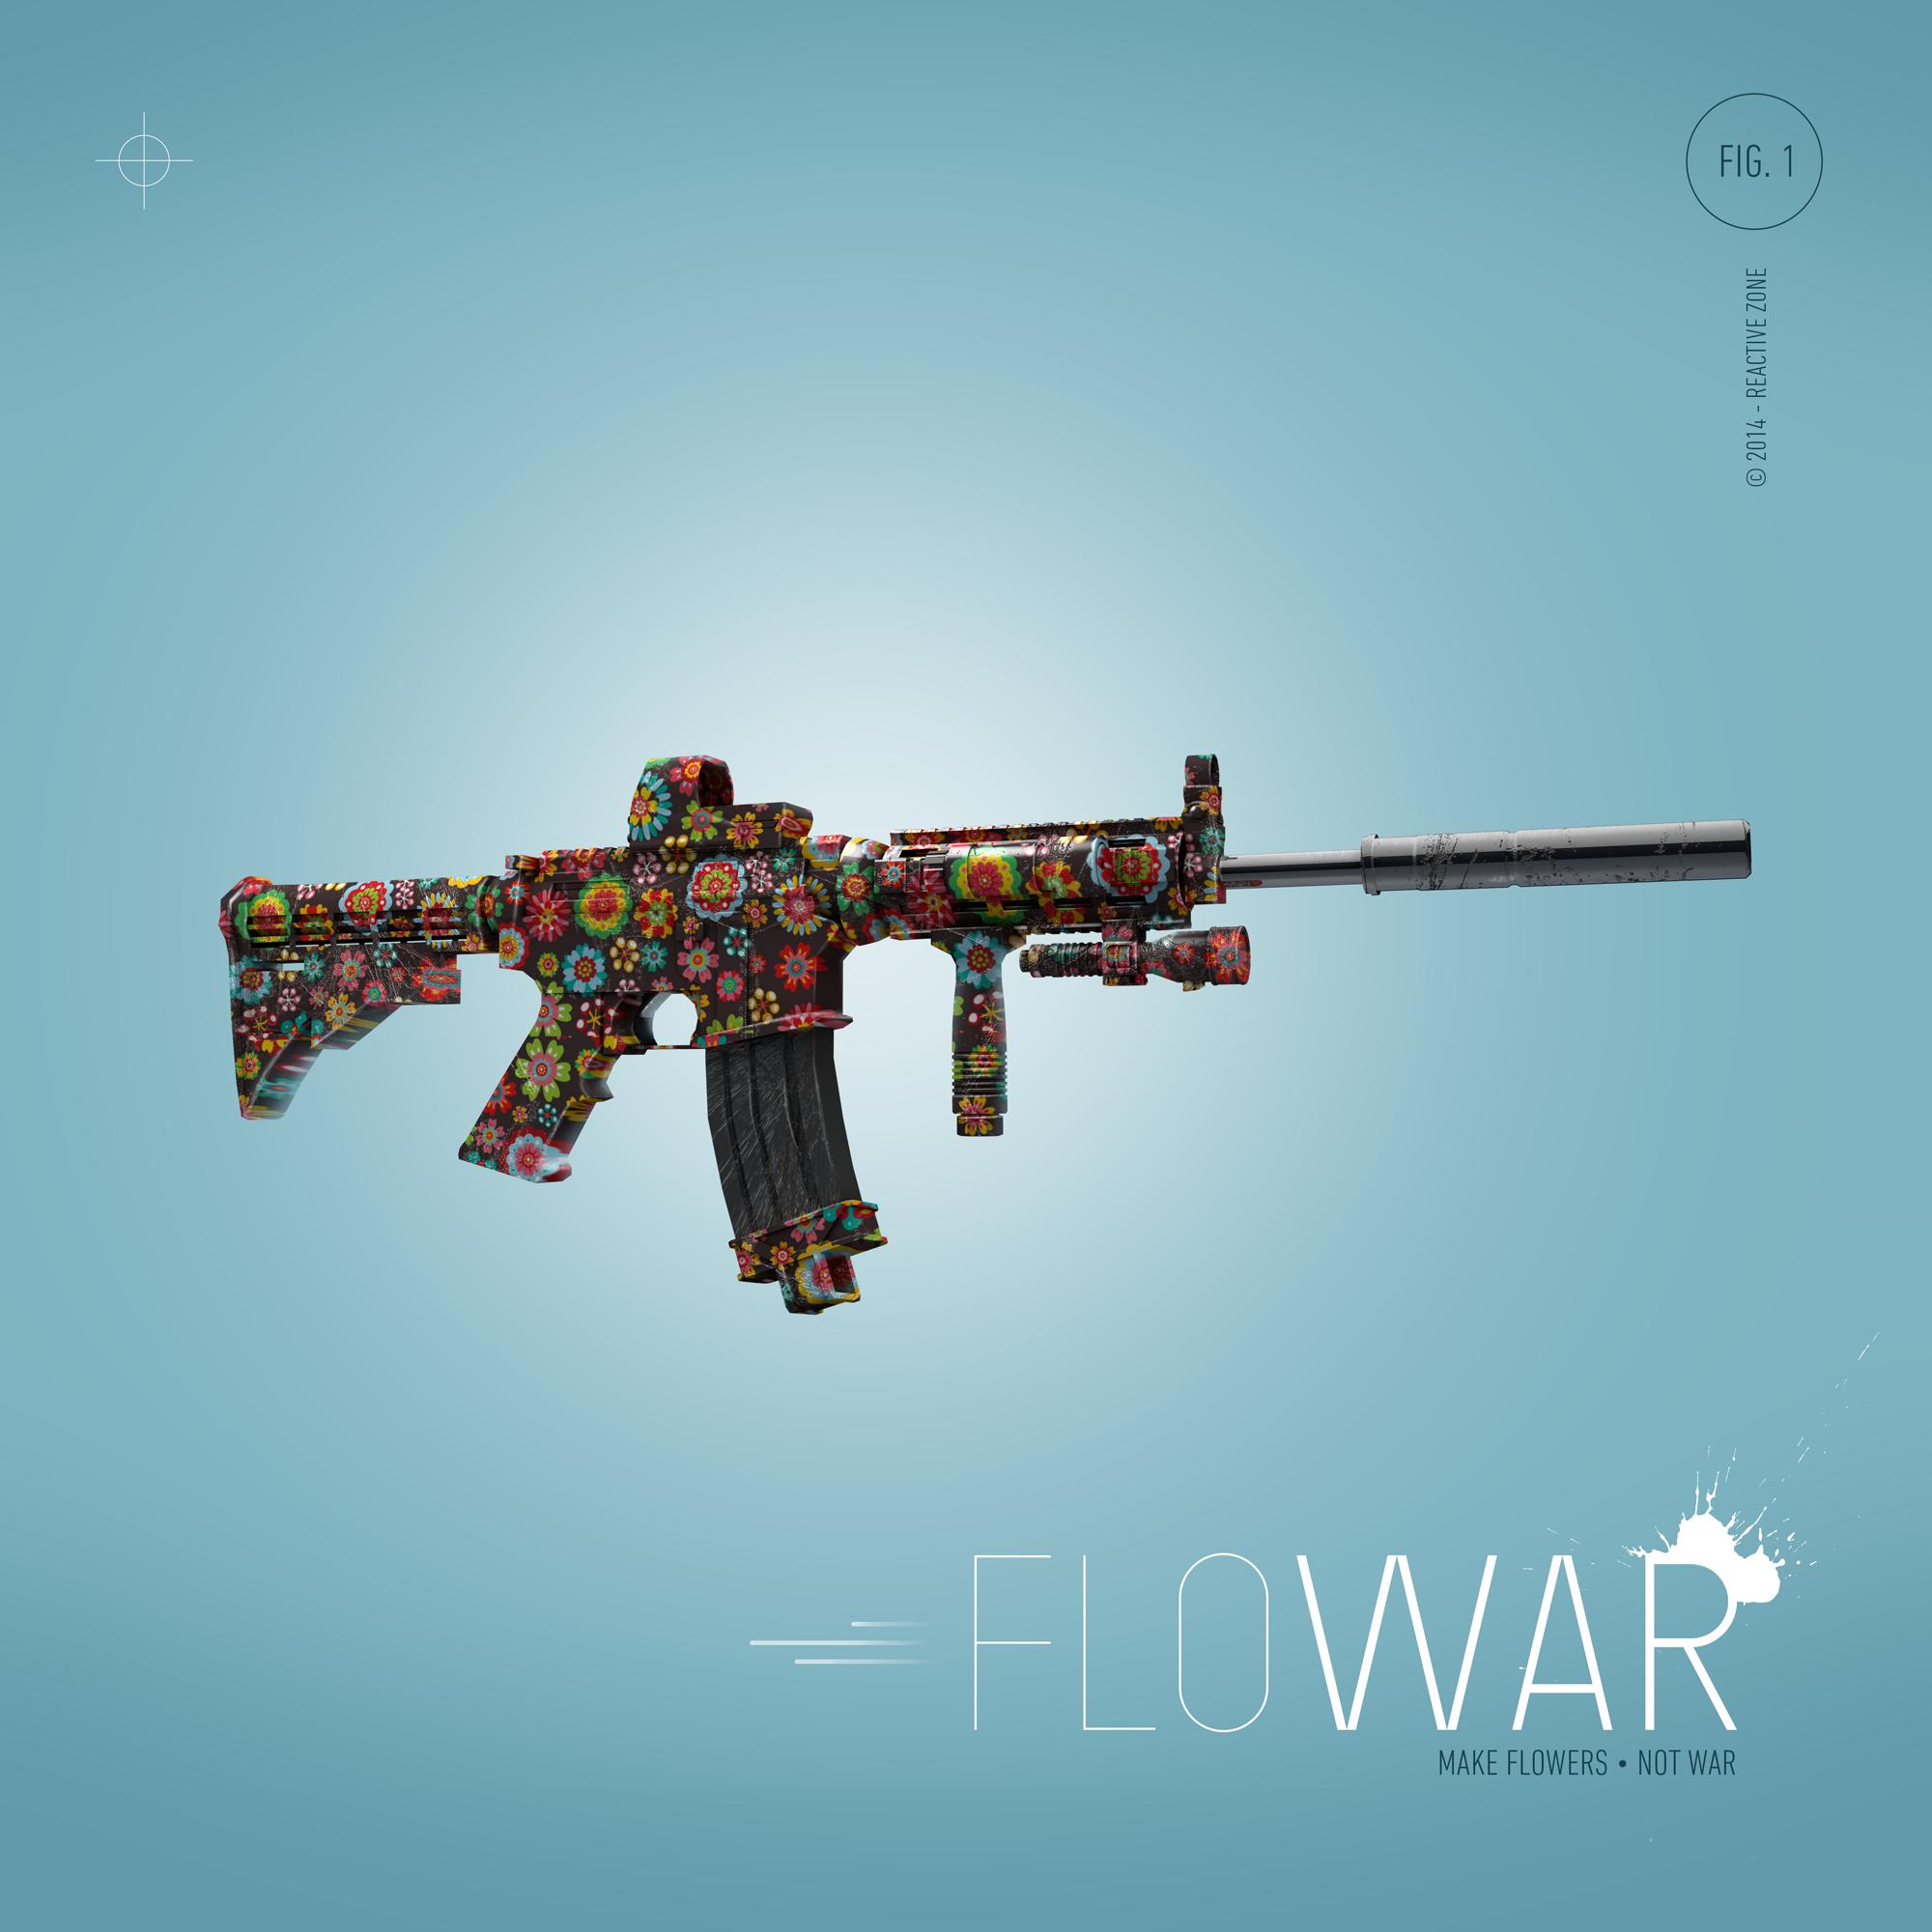 Flower-Power-Master-03